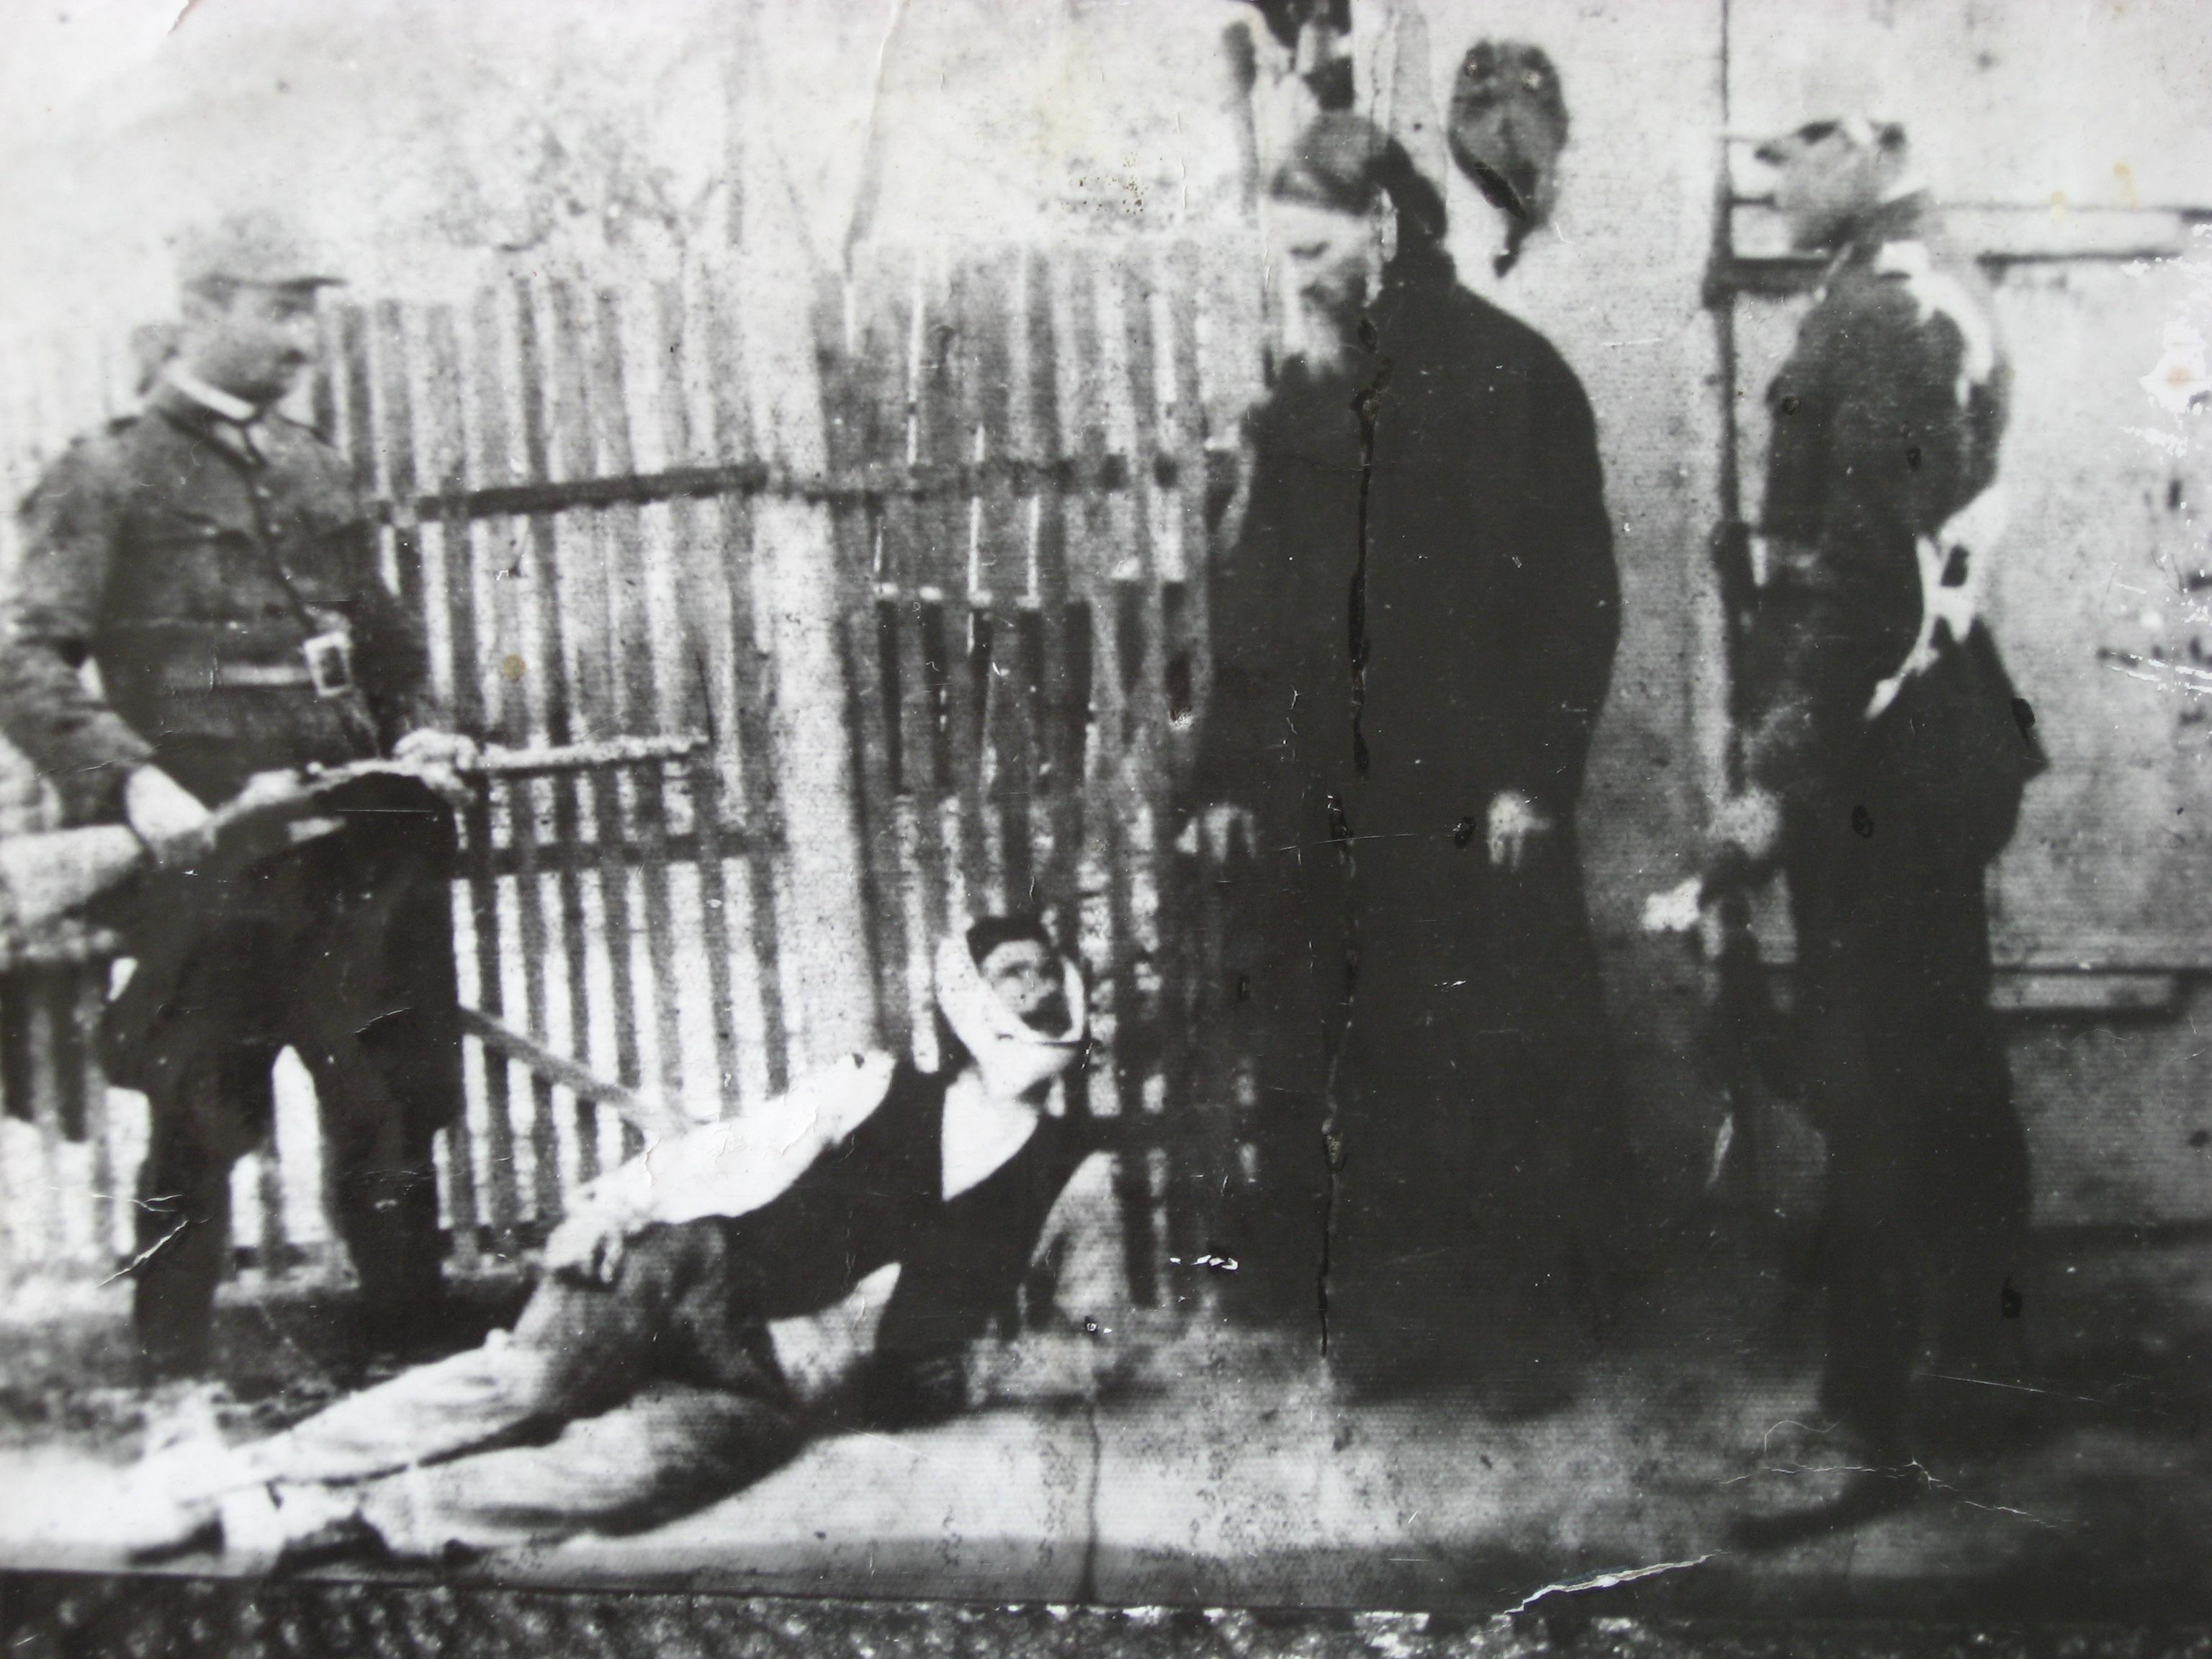 Rănit grav prin împușcare, Terente zace la pământ și este scuipat de preotul Filip Terente a cărui soție a fost violată de bandit.